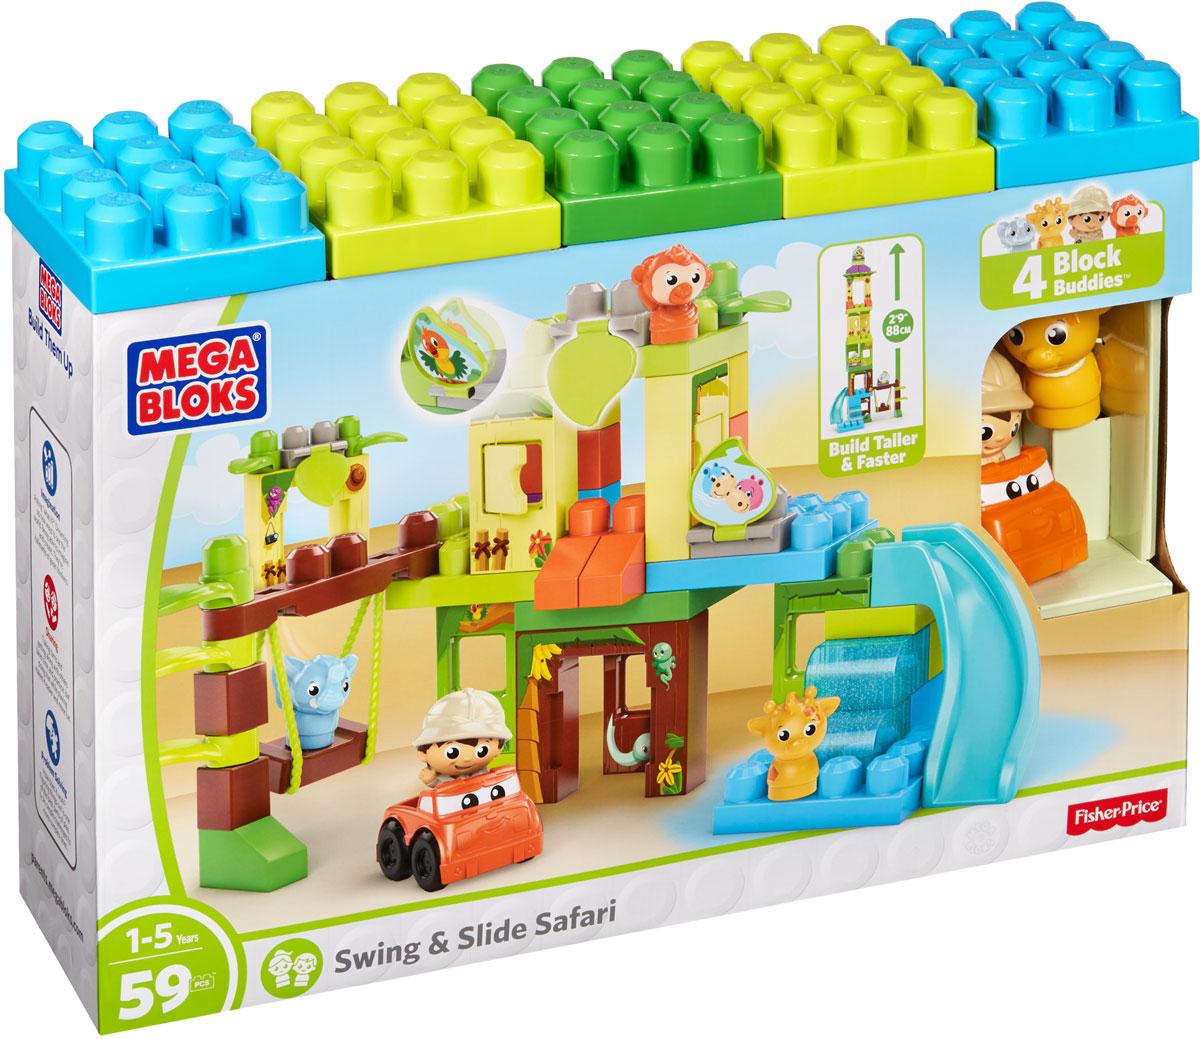 Mega Bloks First Builders Конструктор Сафари DPJ58DPJ58Конструктор Mega Bloks First Builders. Сафари является прекрасным примером набора, стимулирующего воображение. Этот конструктор поставляется с крупными 59 деталями, удобными для маленьких ручек. В наборе ребенок также найдет фигурки жирафа, слона, обезьяны и человека. Малыш сможет собирать свои джунгли из панелей все выше и выше. А затем пуститься с их обитателями в забавное приключение: катиться с горки, кататься на качелях или автомобиле. Элементы конструктора складываются вместе и разъединяются с легкостью, подходят для детей в возрасте от 1 до 5 лет. С помощью такого конструктора ребенок сможет каждый раз придумывать увлекательную историю. Конструктор способствует развитию воображения, логического мышления и мелкой моторики рук.